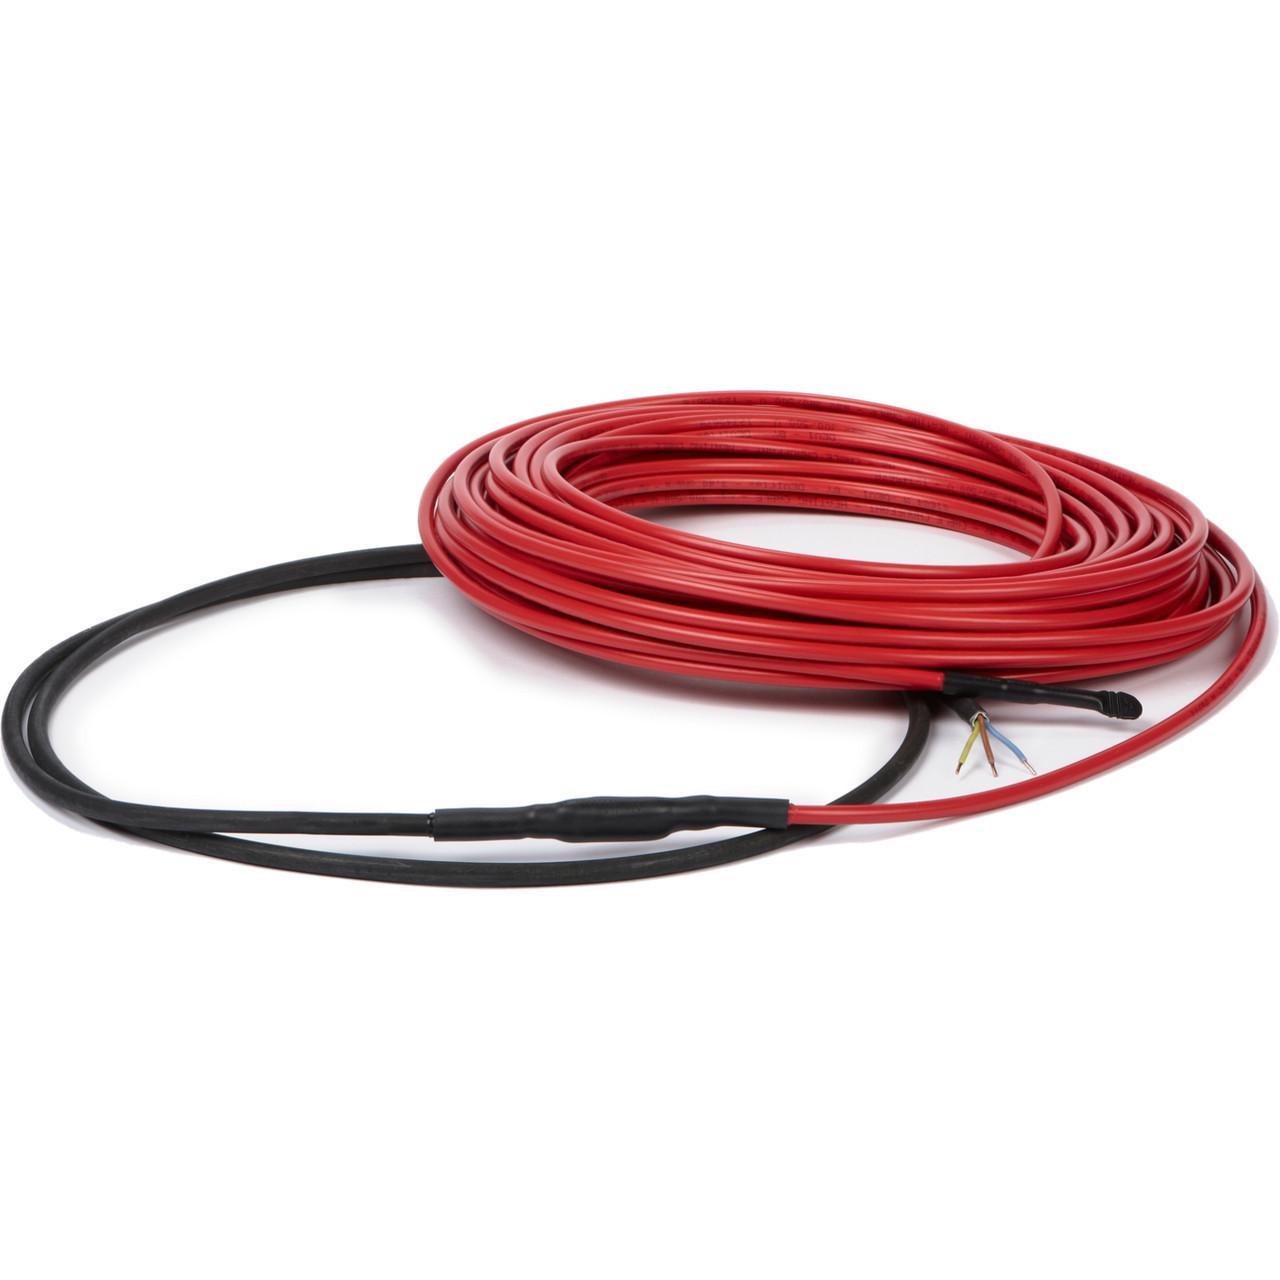 Теплый пол DeviComfort 10T двужильный, тонкий кабель с сплошным экраном, 1700W, 10.6 м.кв.(87101124)